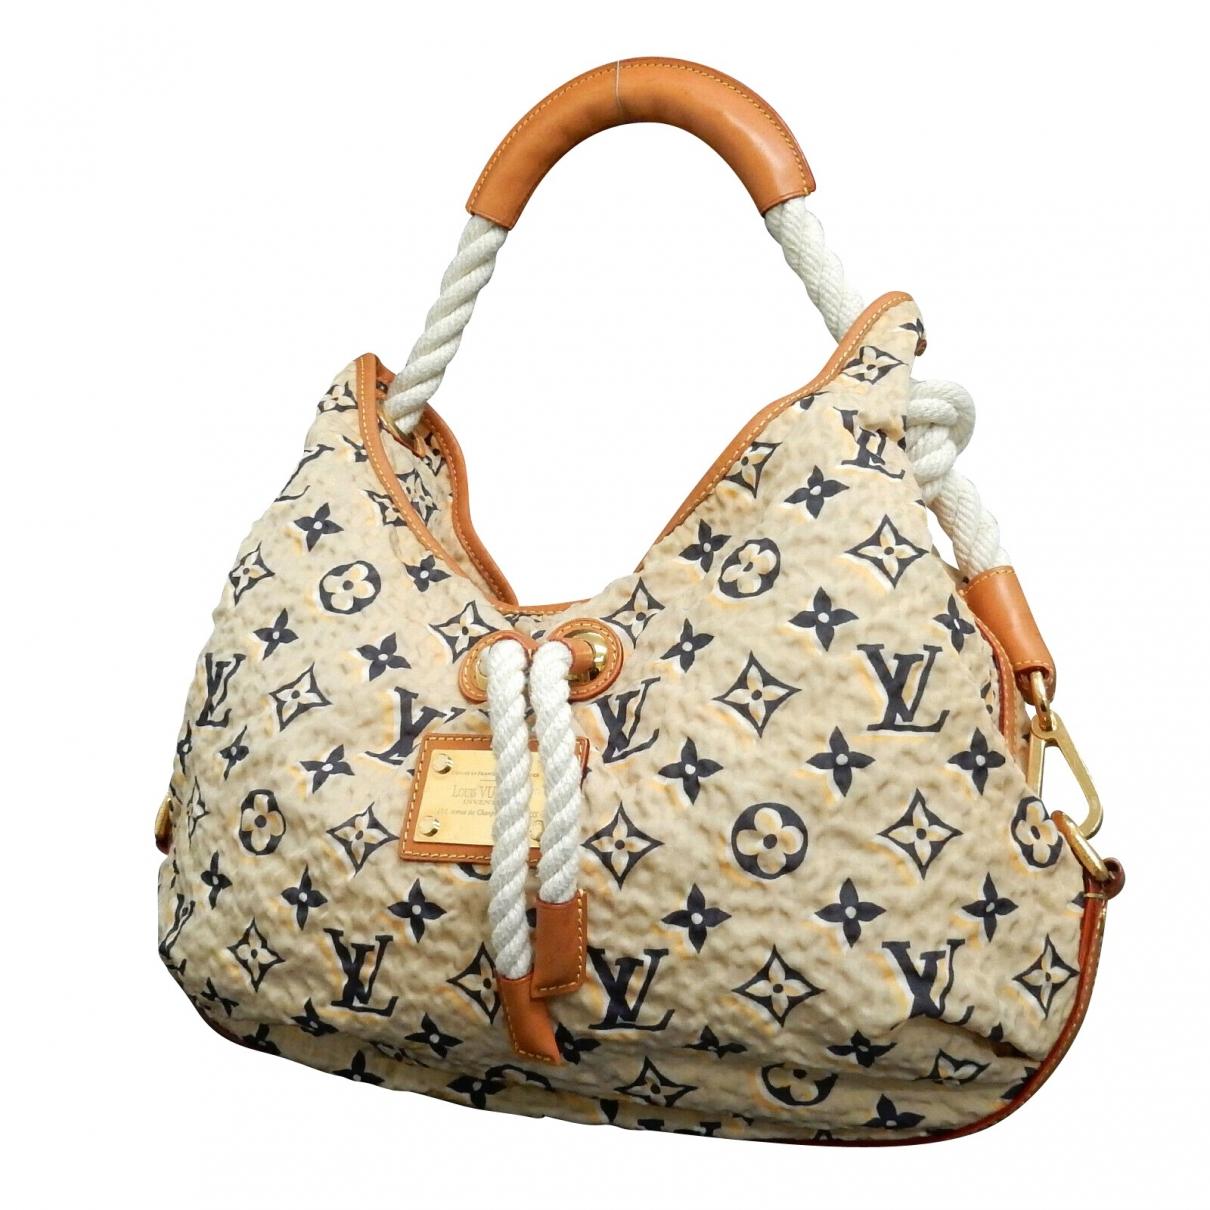 Louis Vuitton - Sac a main   pour femme en coton - camel